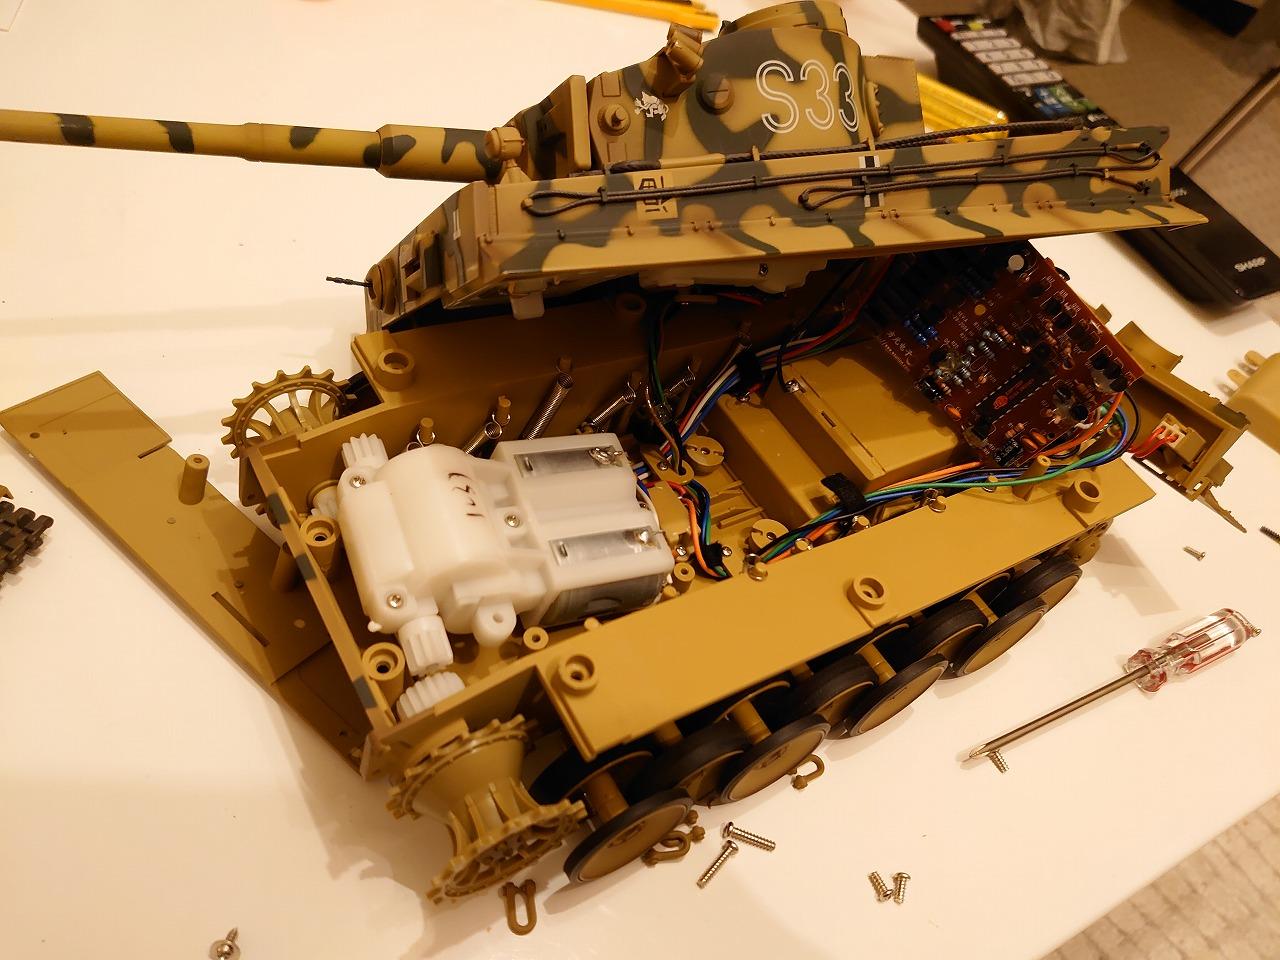 東京マルイ 1/24 RCバトルタンク タイガーI (迷彩仕様) を分解してみた